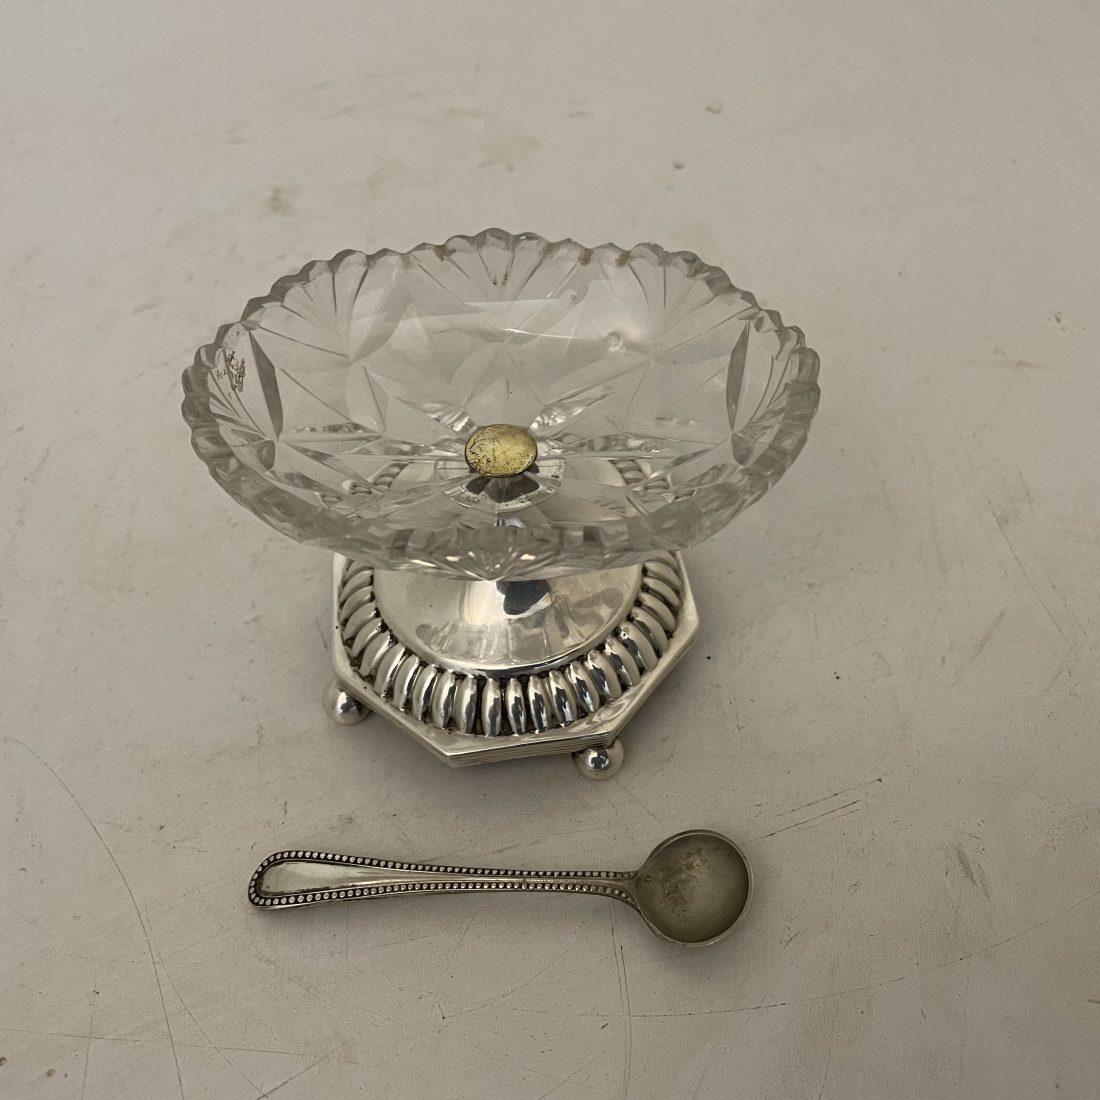 Kristallen zout strooier op zilveren voet, Smits, 1821